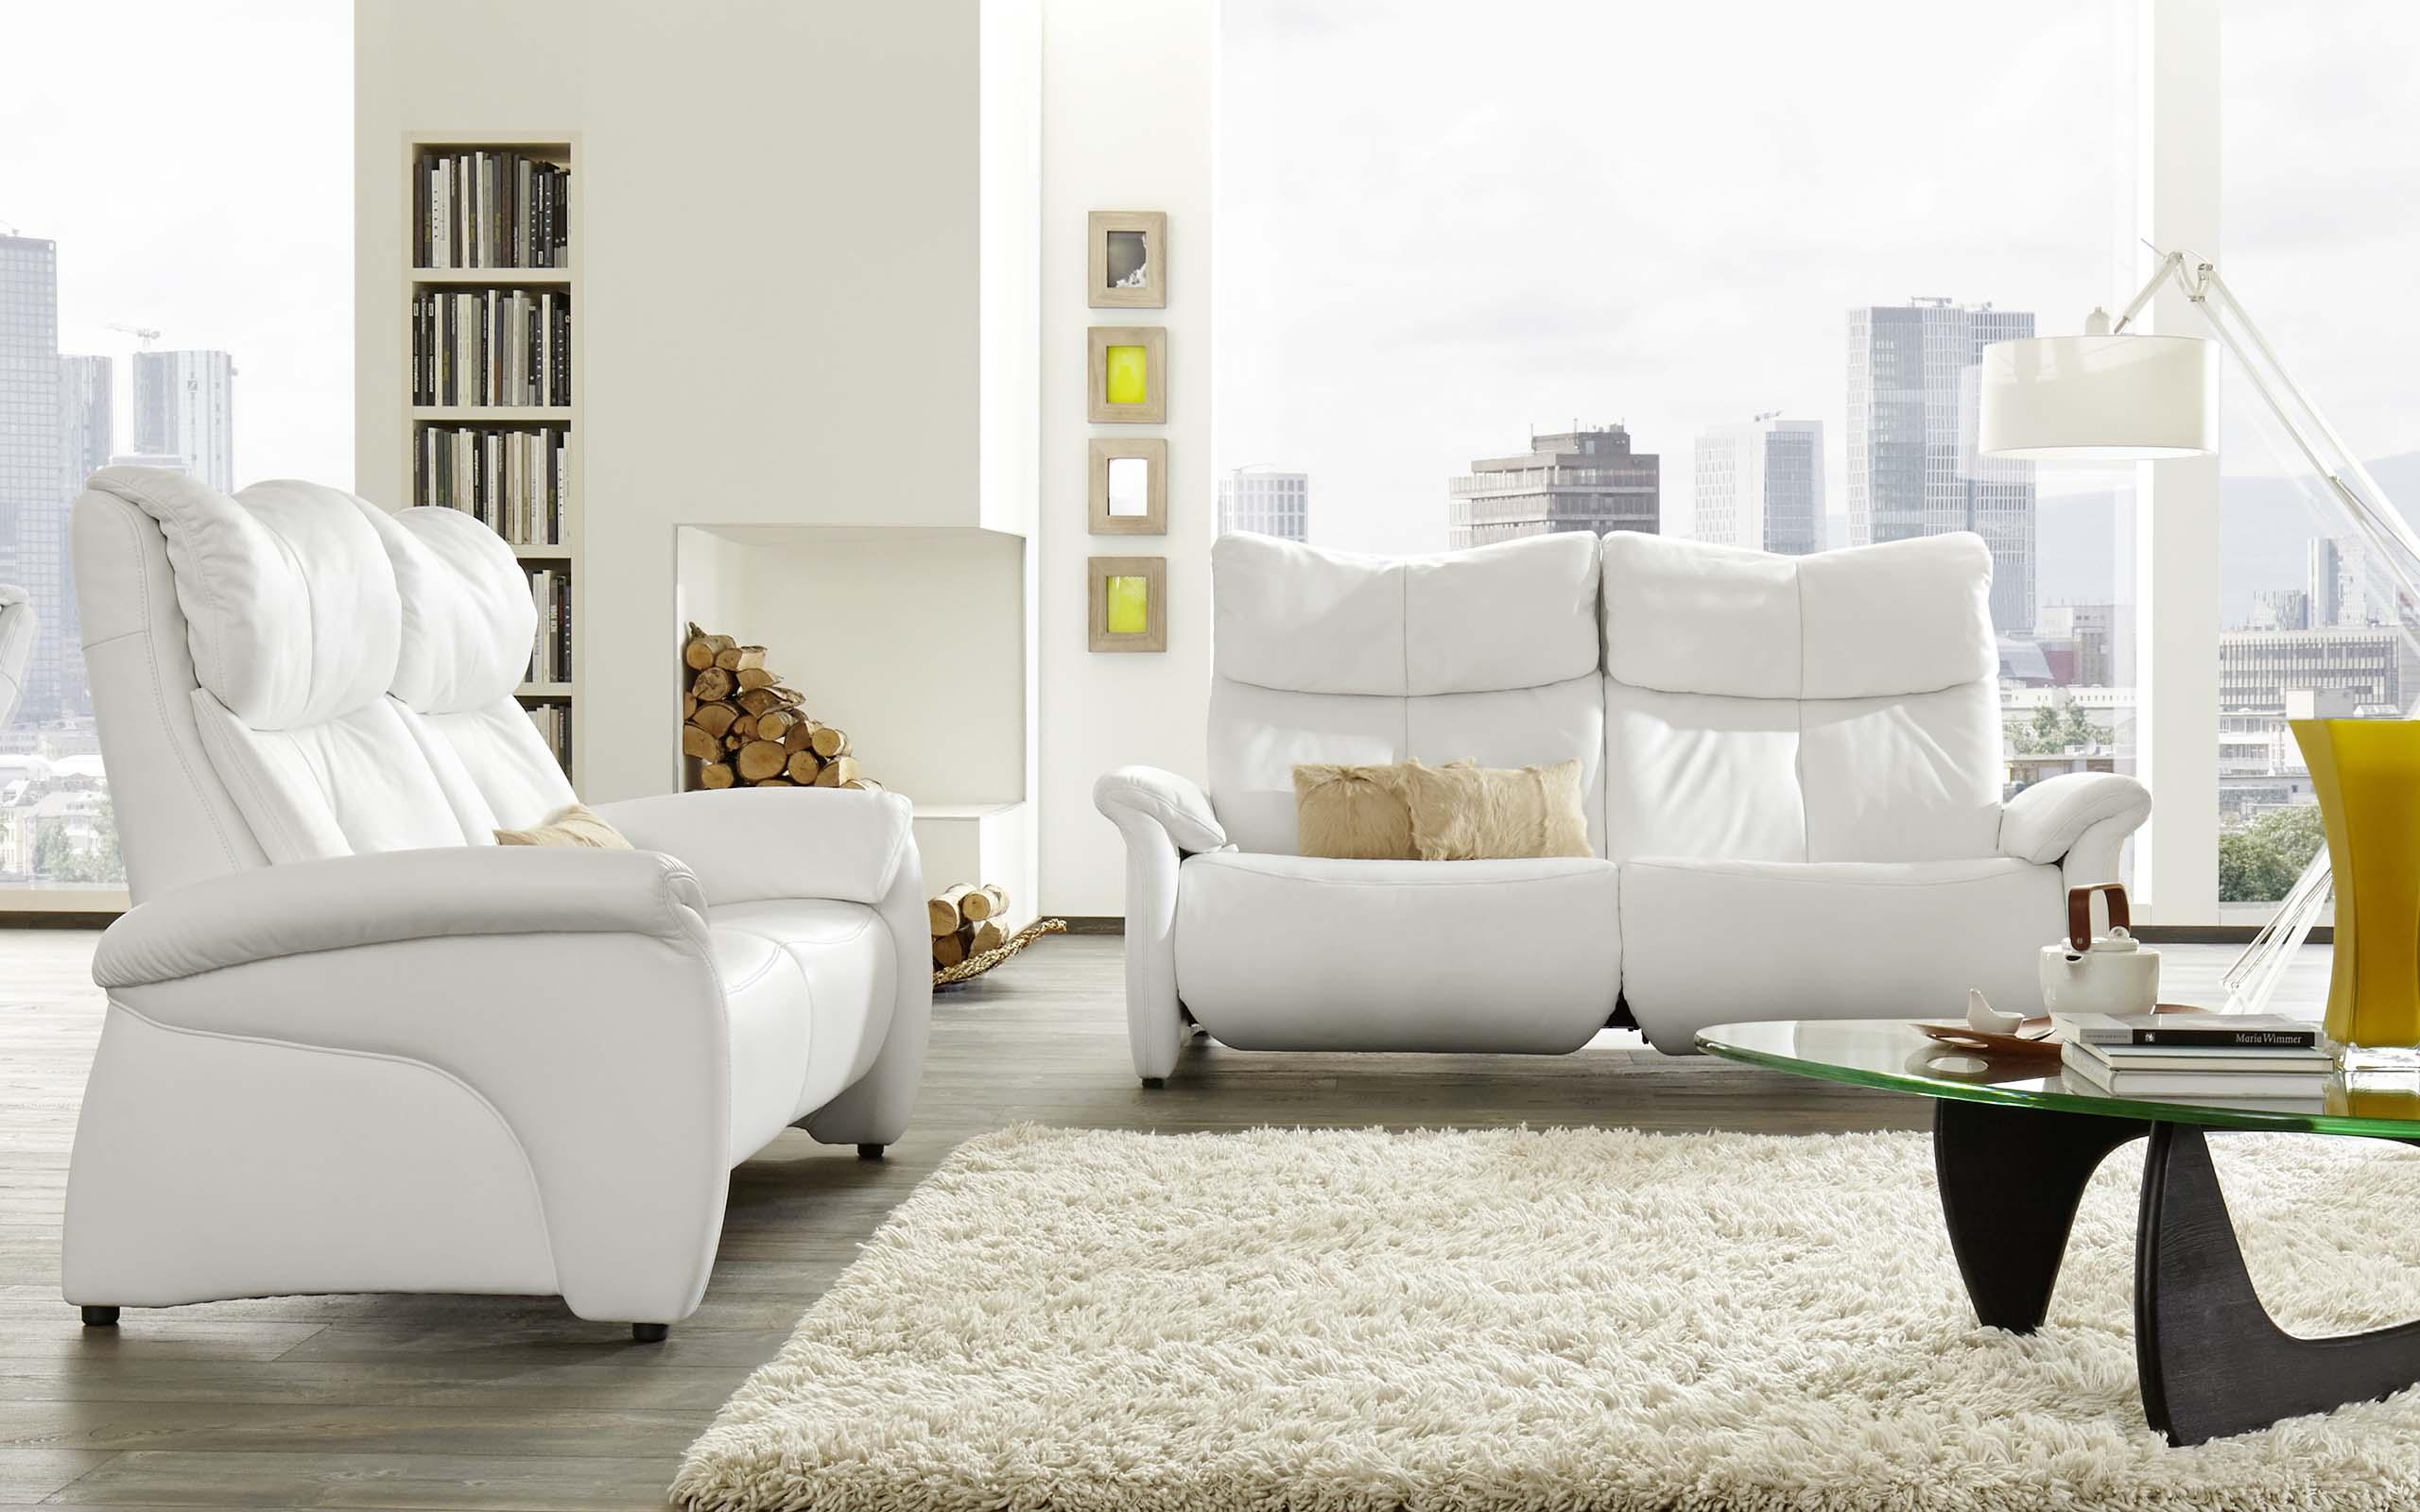 Blickfang Himolla Sofa Beste Wahl Himolla_cumuly